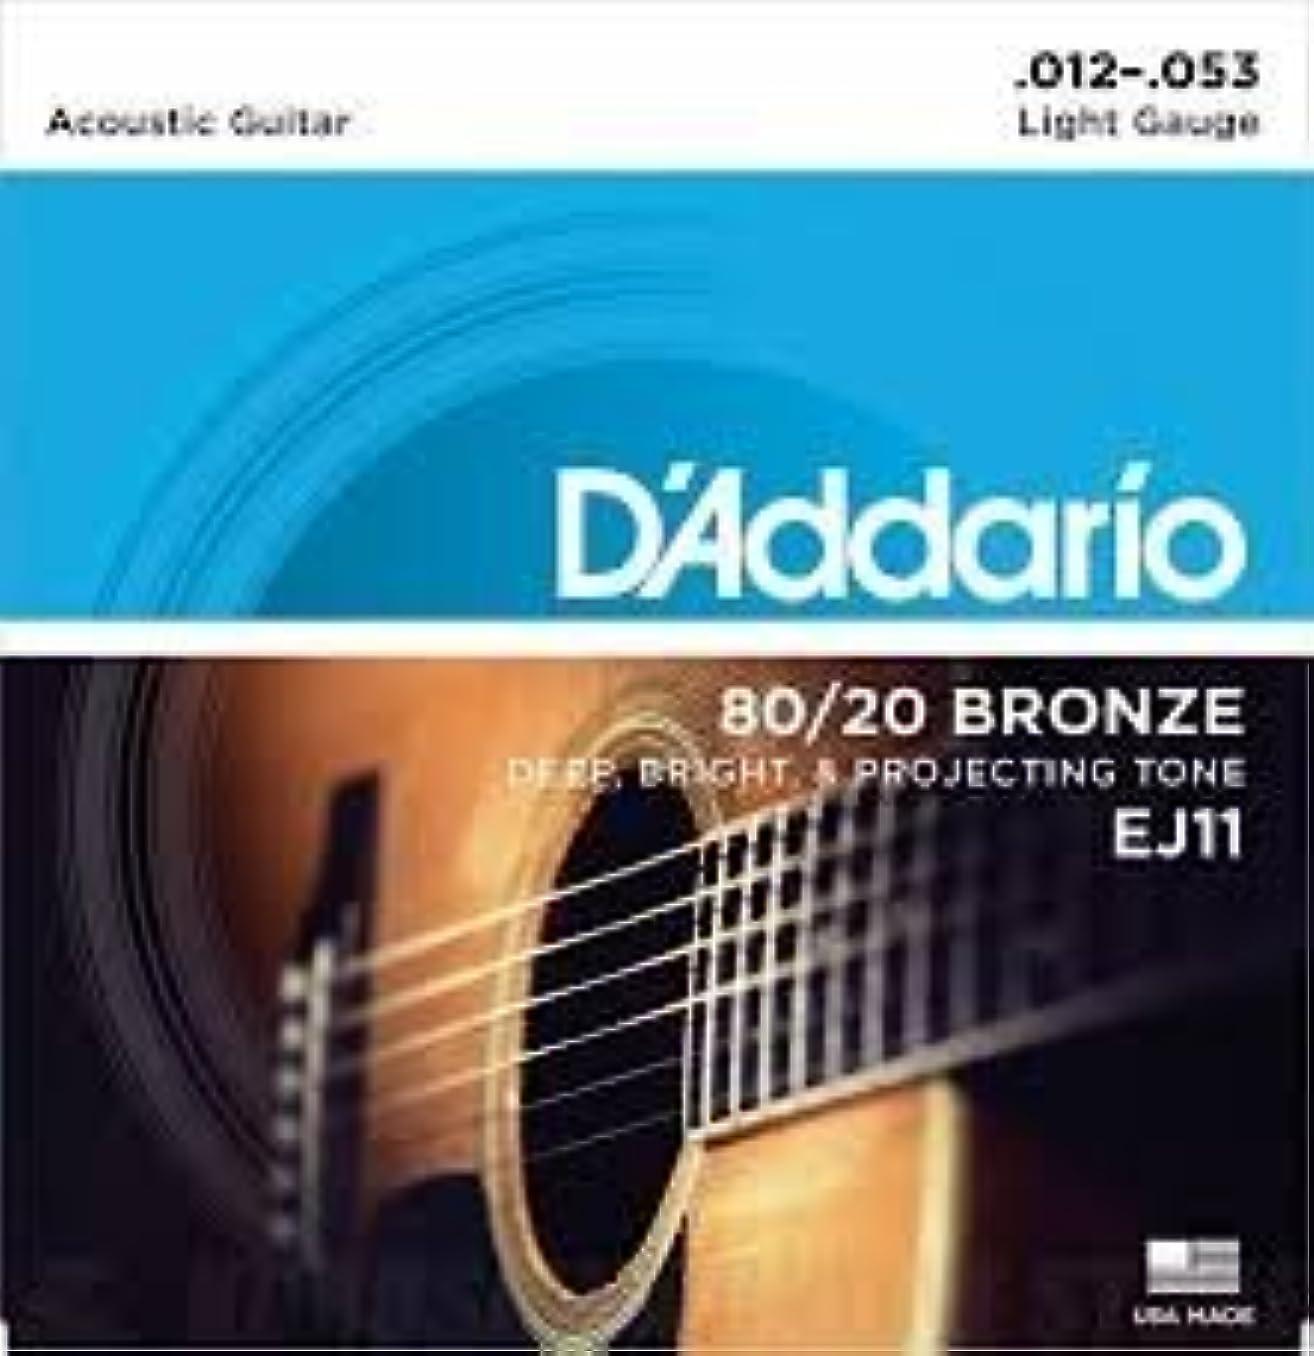 見込み失速立場D'Addario EJ11 80/20ブロンズ Light(12-53) ダダリオ アコースティックギター弦 EJ-11 【国内正規品】